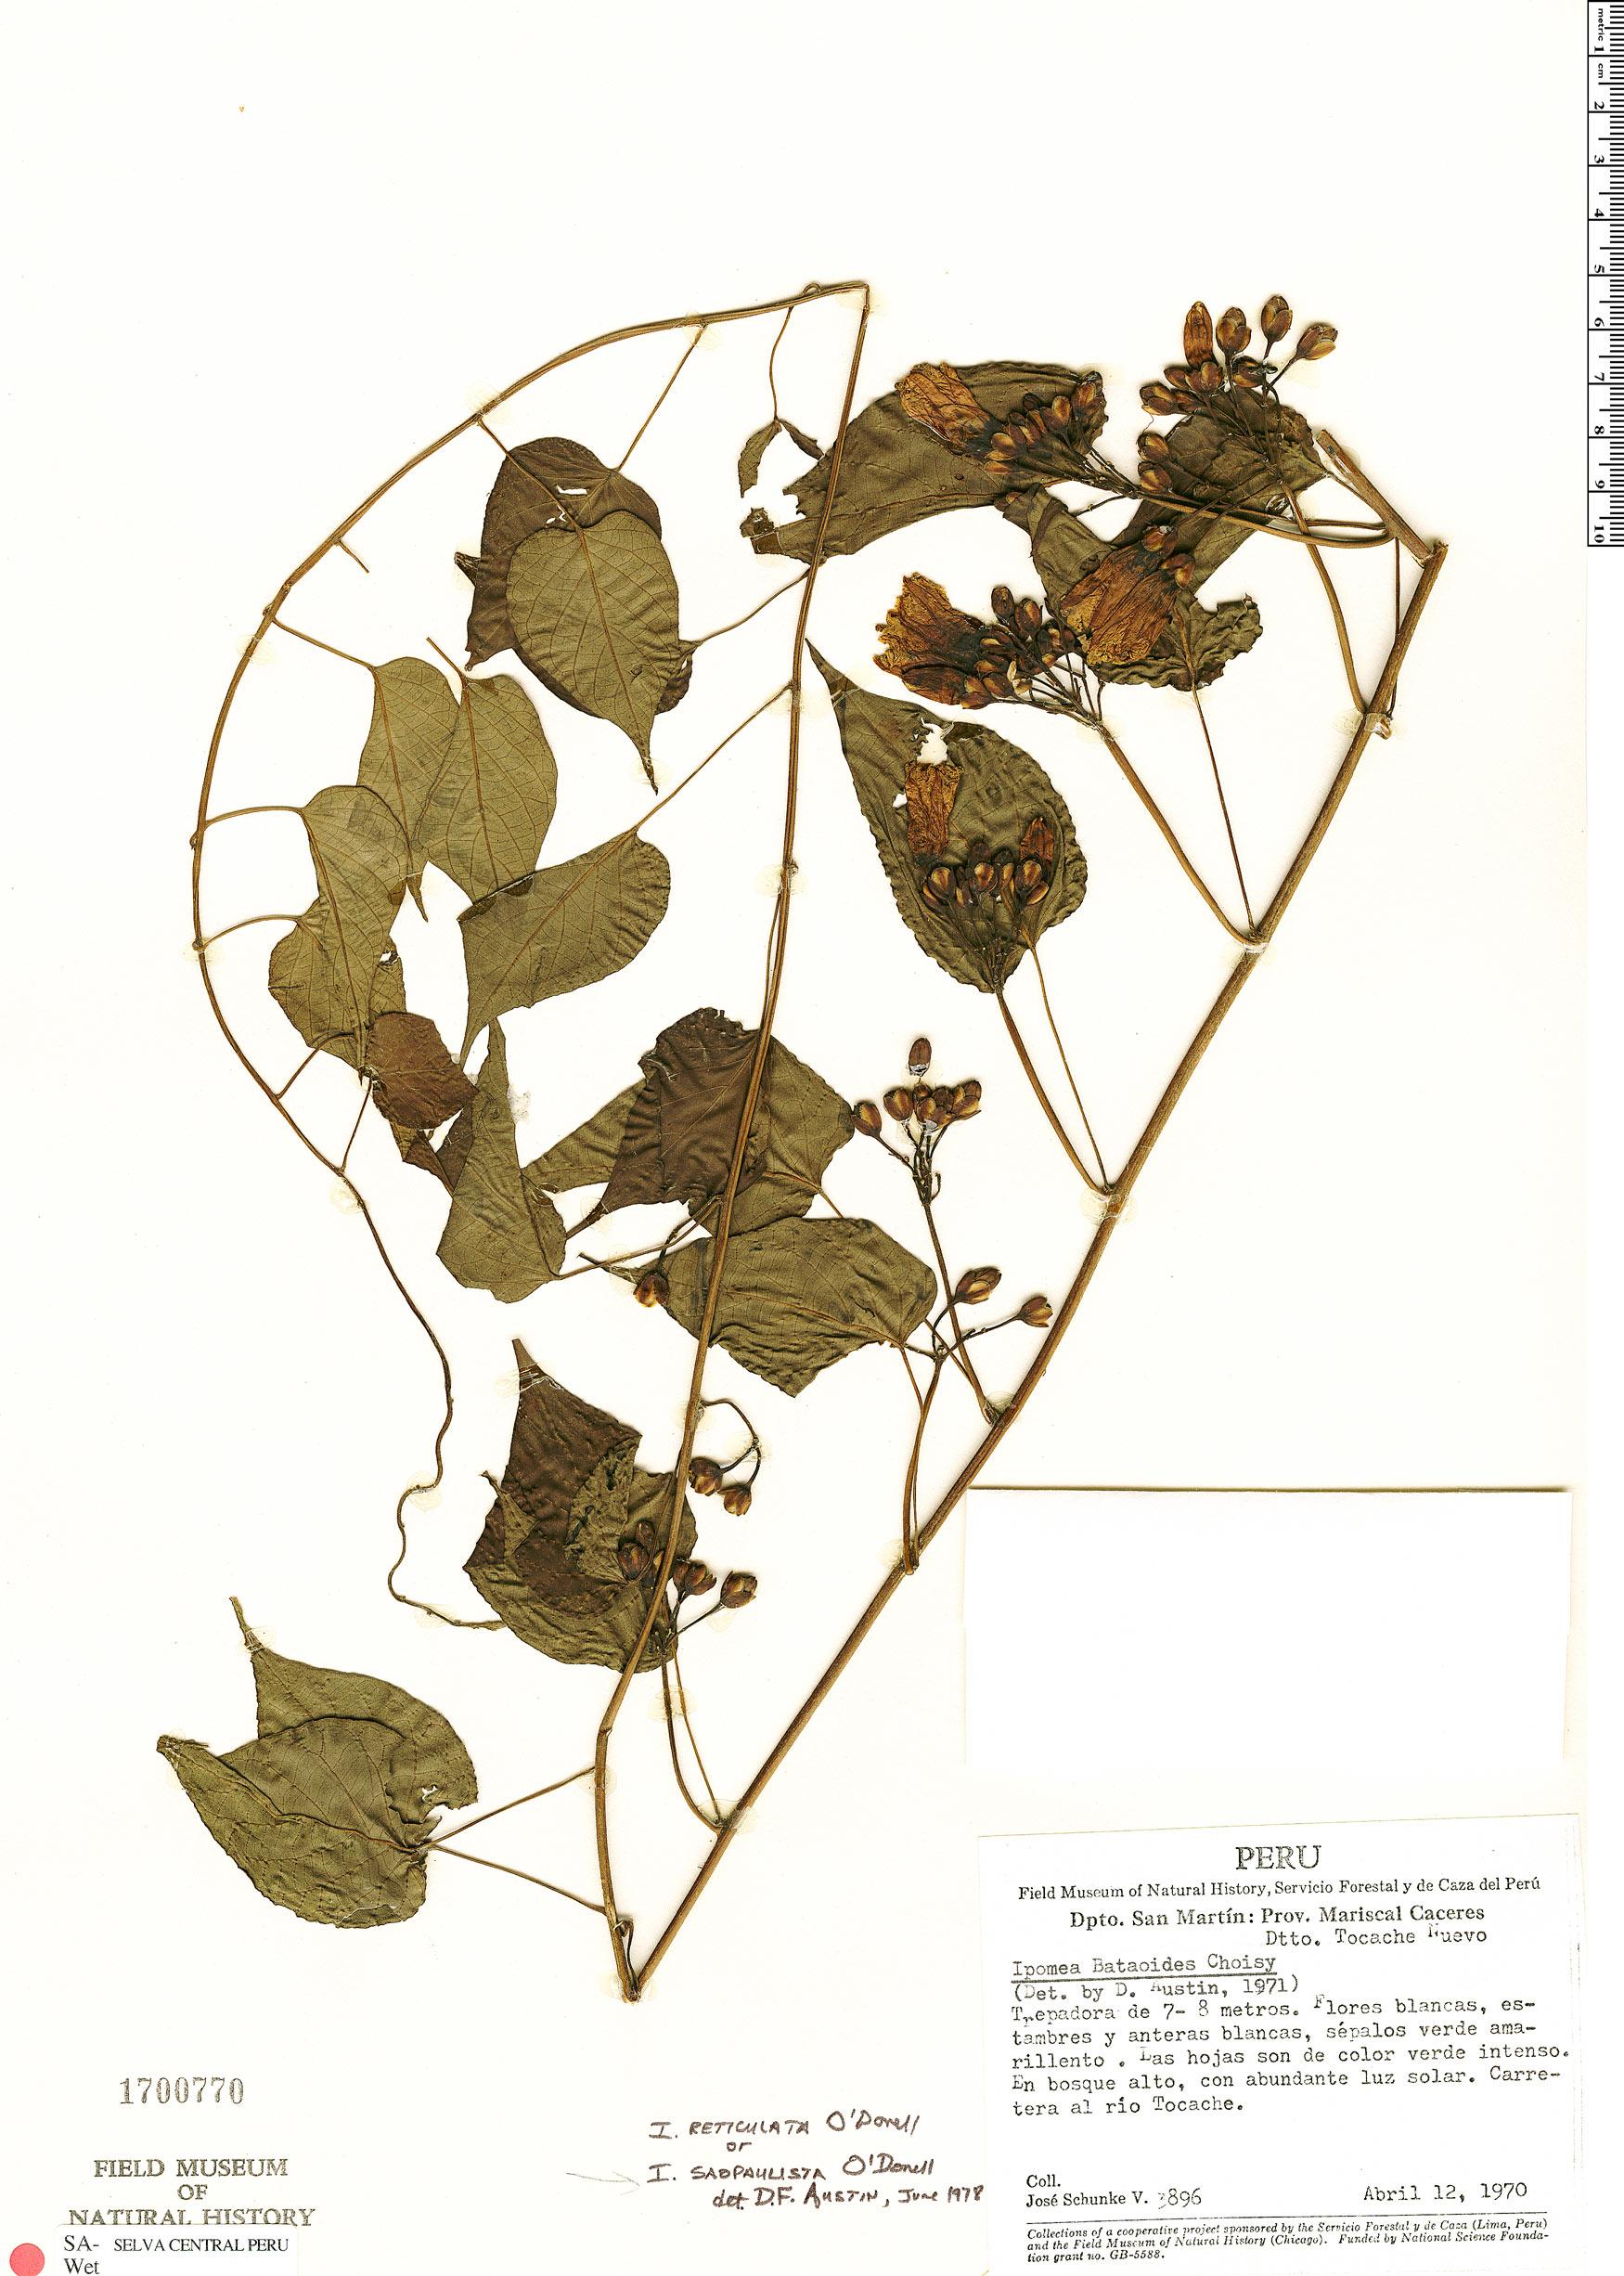 Espécime: Ipomoea reticulata